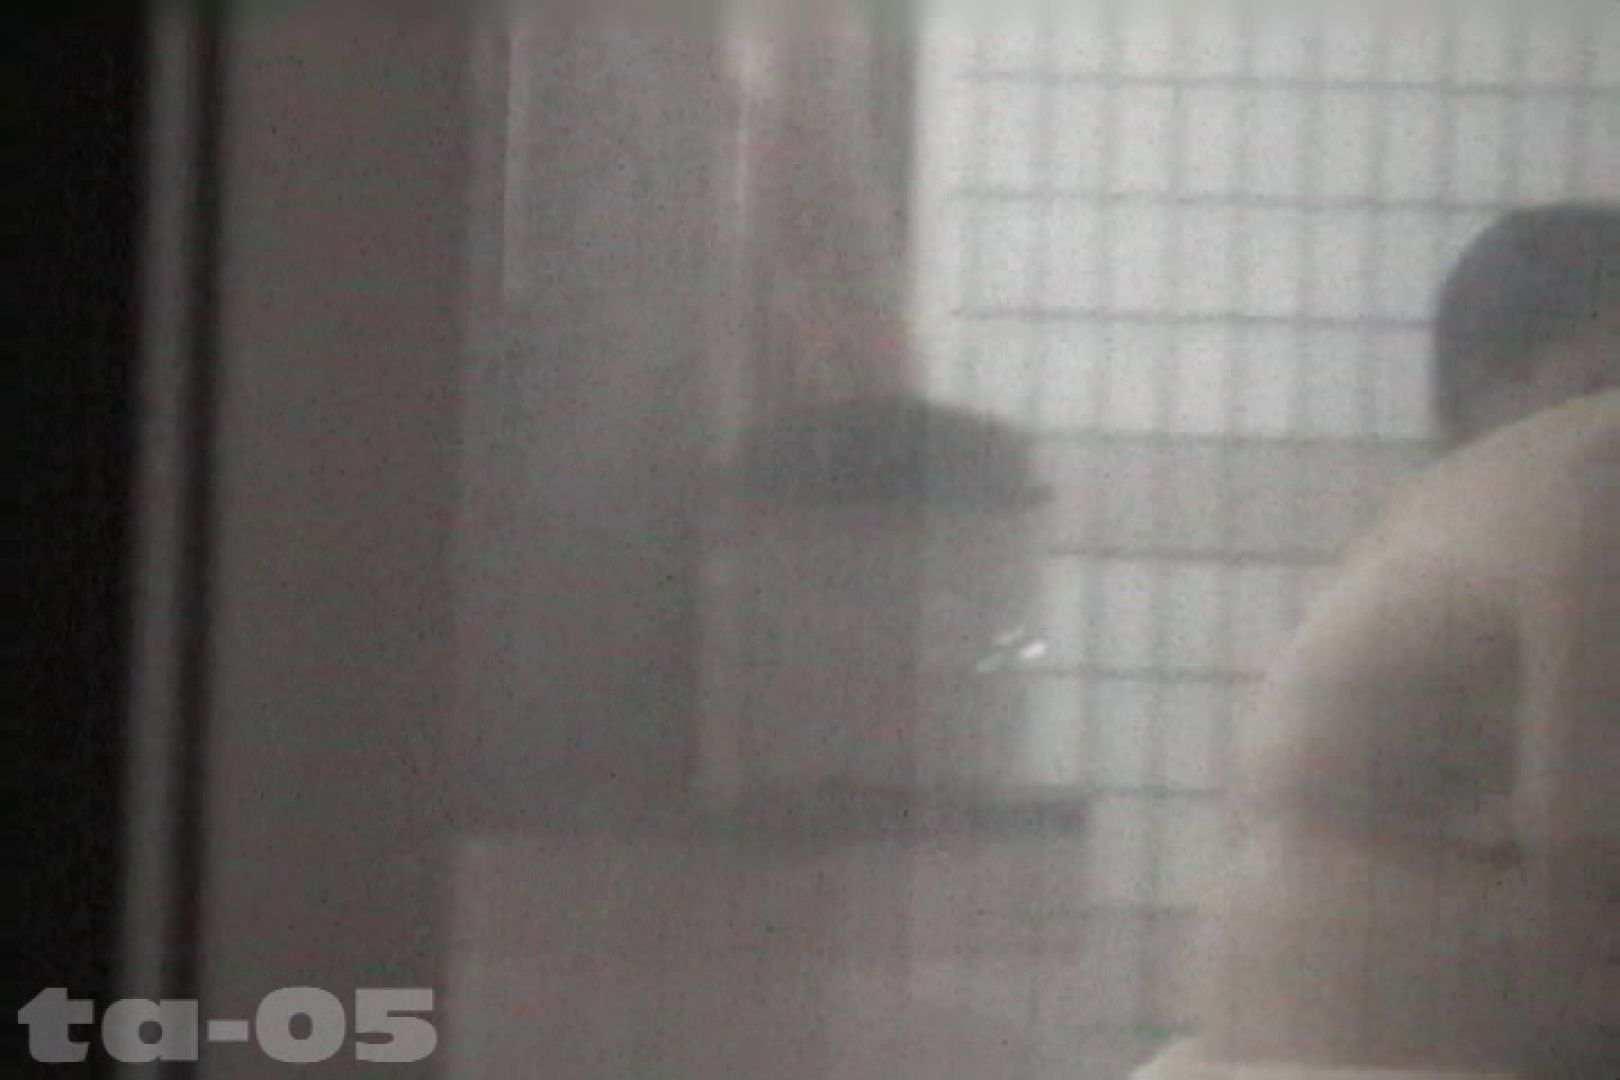 只野男 合宿ホテル女風呂盗撮 高画質版 Vol.5 盗撮 | ホテル  72PIX 49